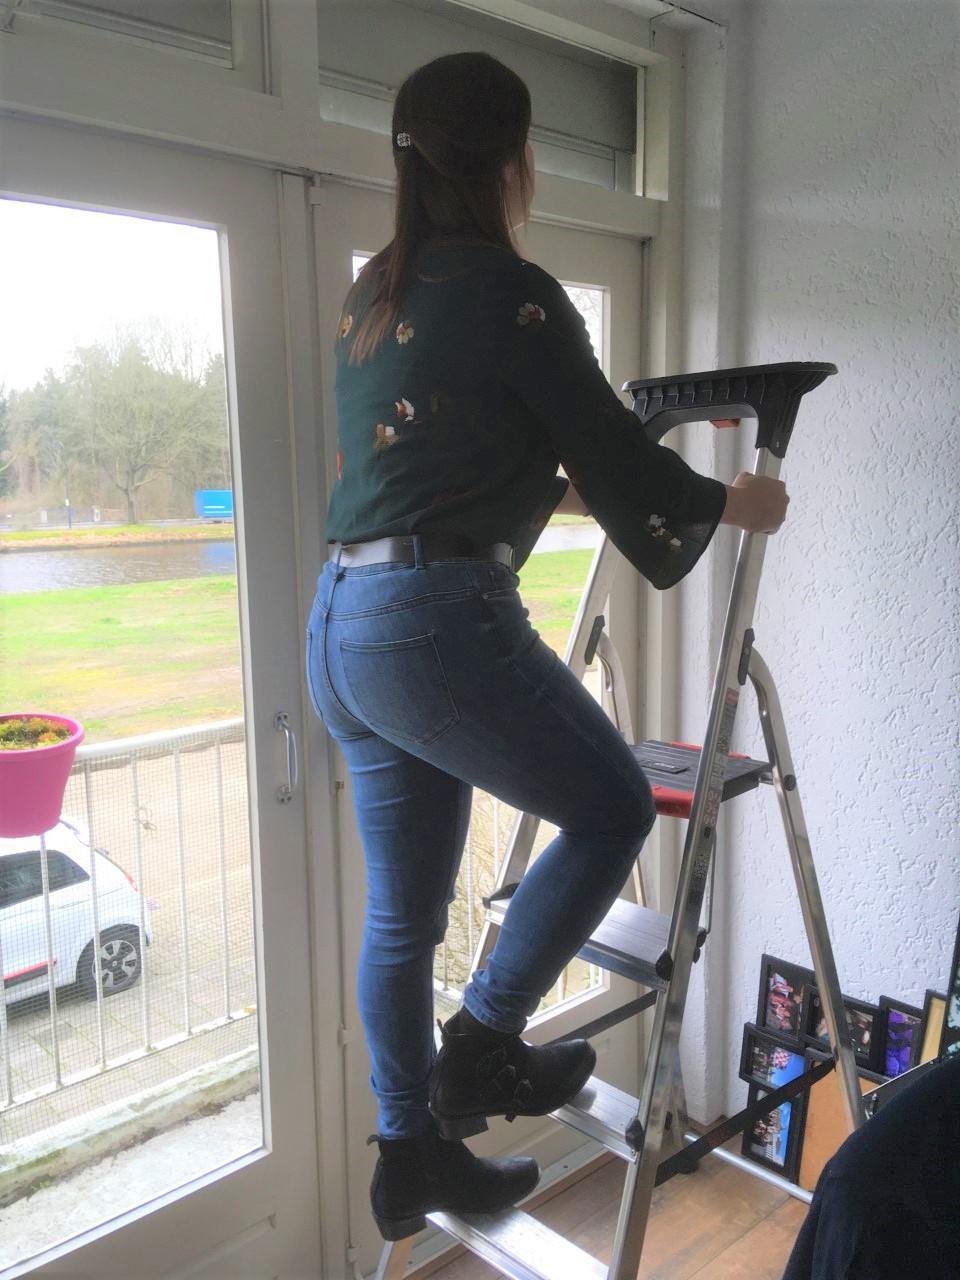 Stof tot nadenken: klim jij de goede ladder?